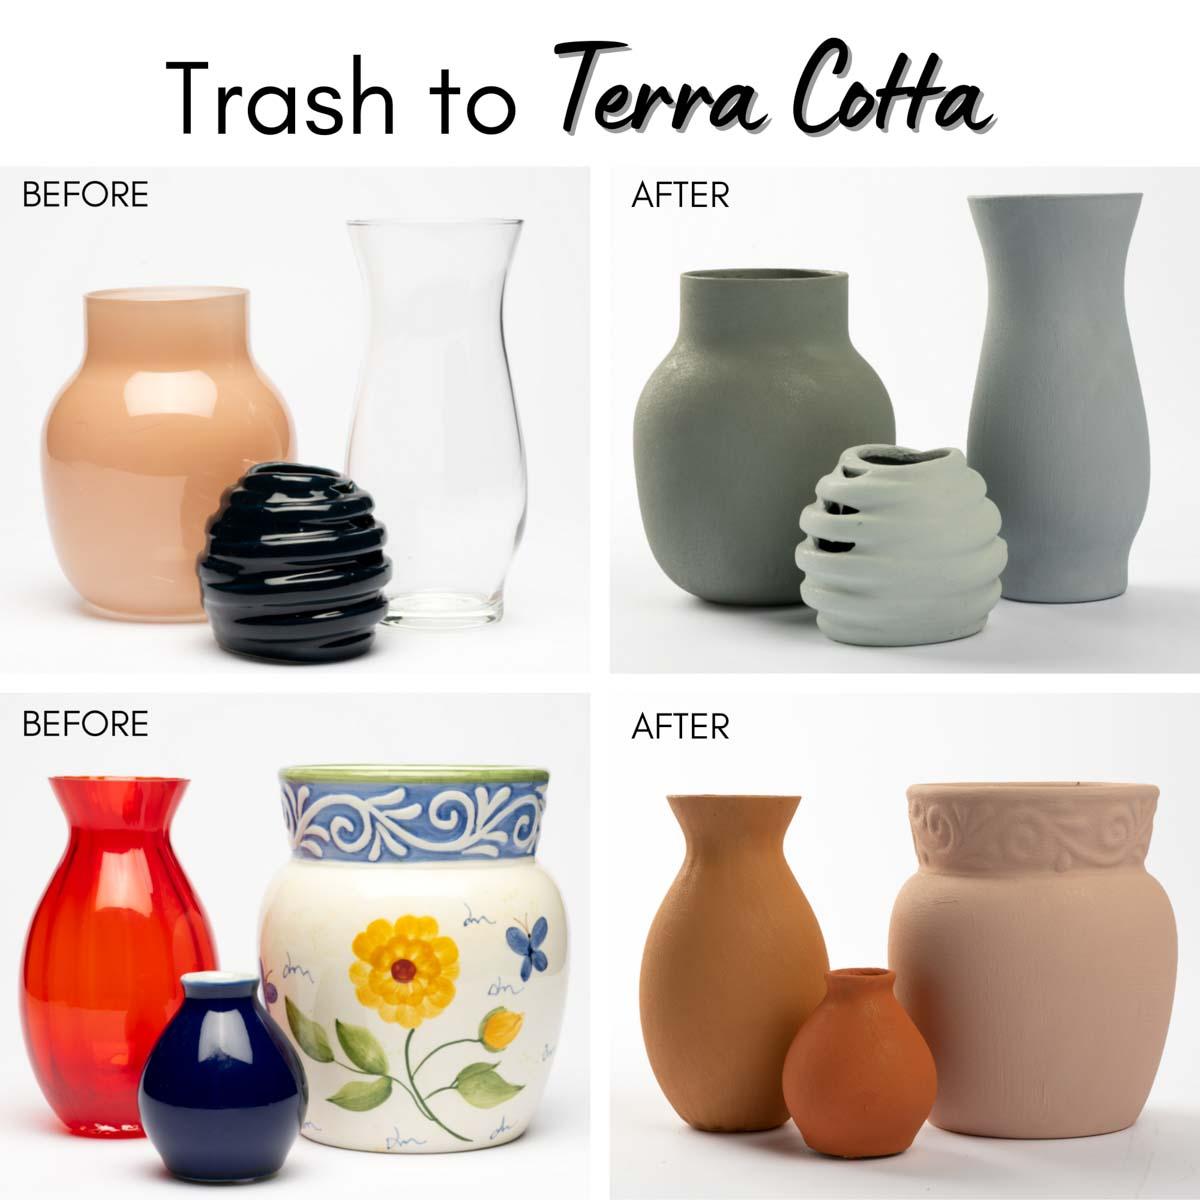 FolkArt ® Terra Cotta™ Acrylic Paint - Ocean Cavern, 2 oz. - 7026